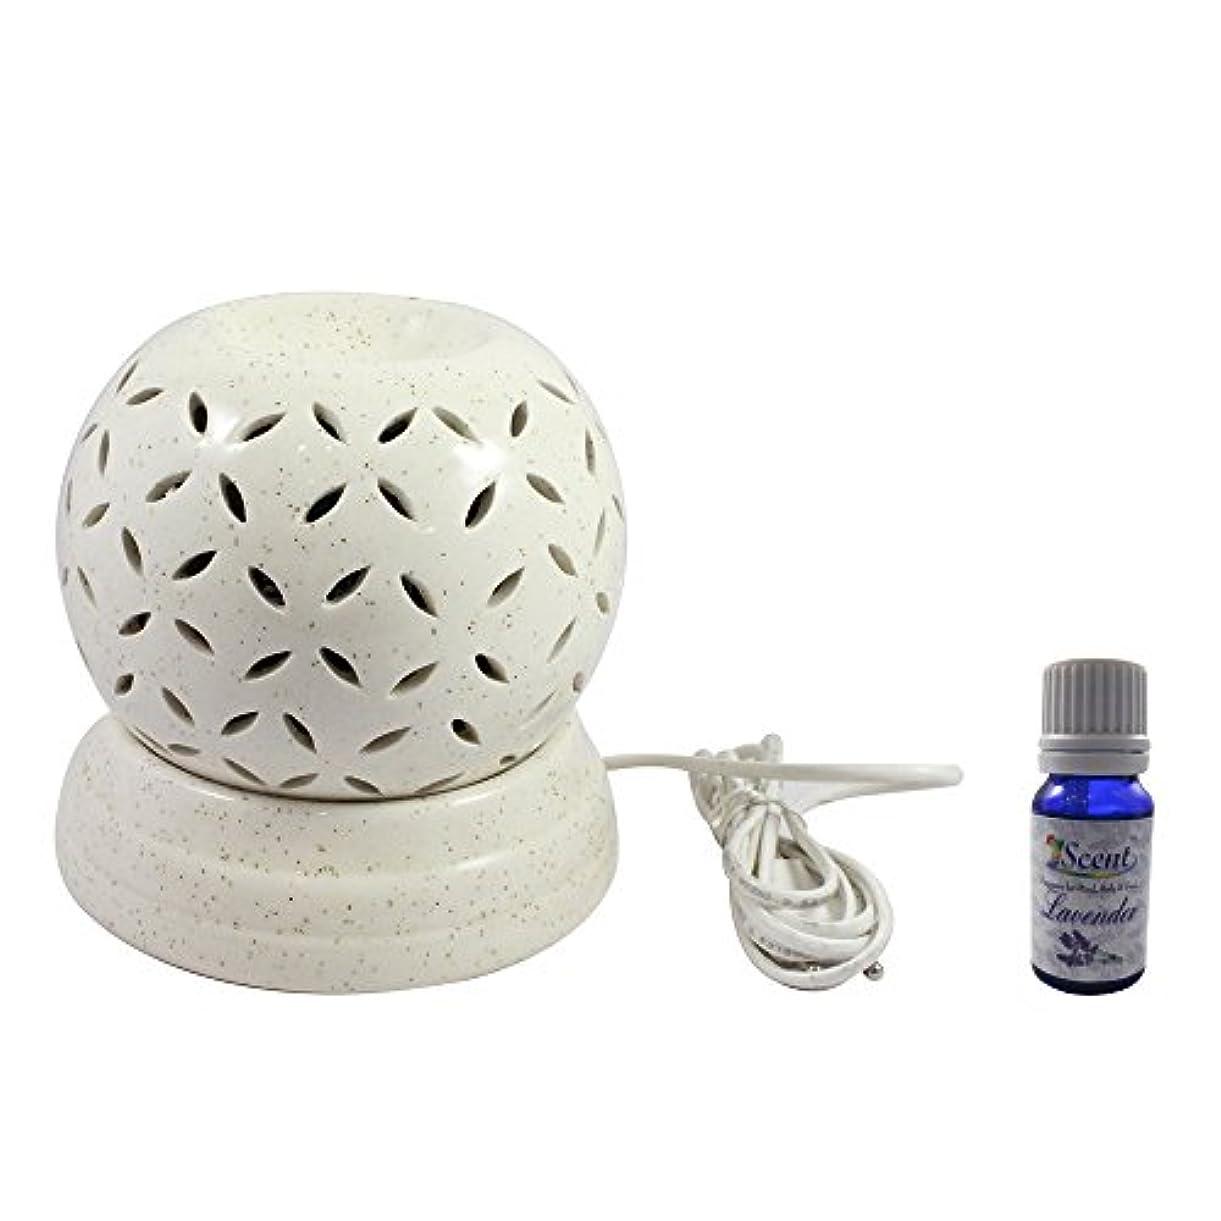 ポイント無視できるインストラクター家庭装飾定期的に使用する汚染されていない手作りセラミックエスニック電気アロマディフューザーオイルバーナージャスミンフレグランスオイル|良質白い色の電気アロマテラピー香油暖かい数量1